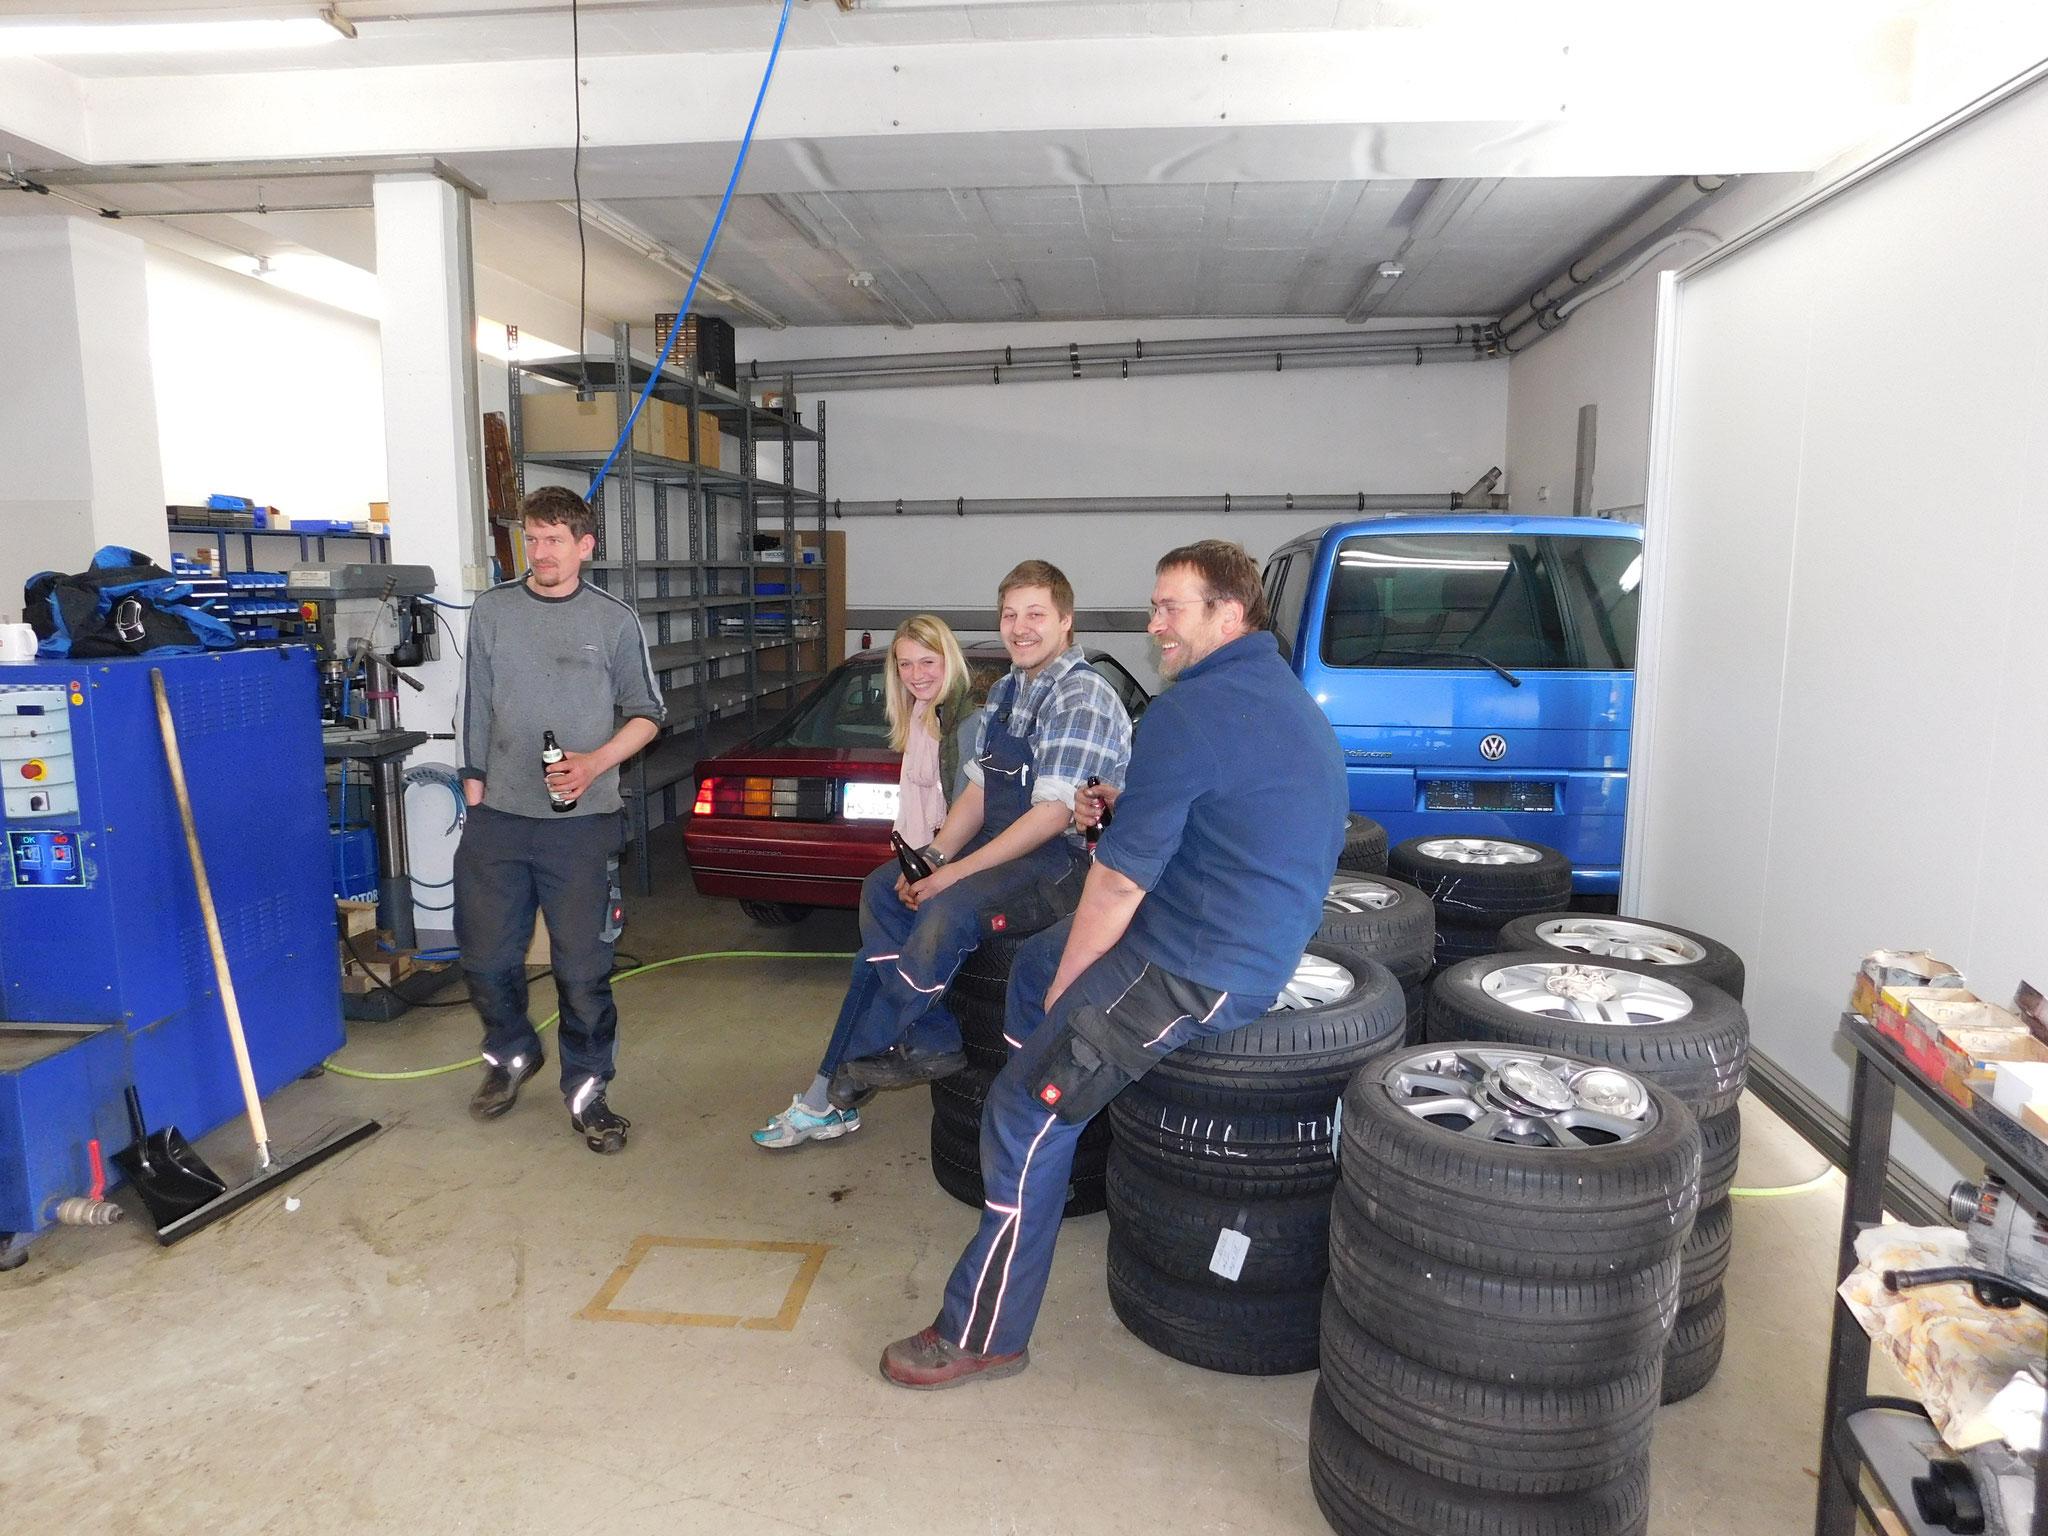 Reifenwechseltag - endlich Pause